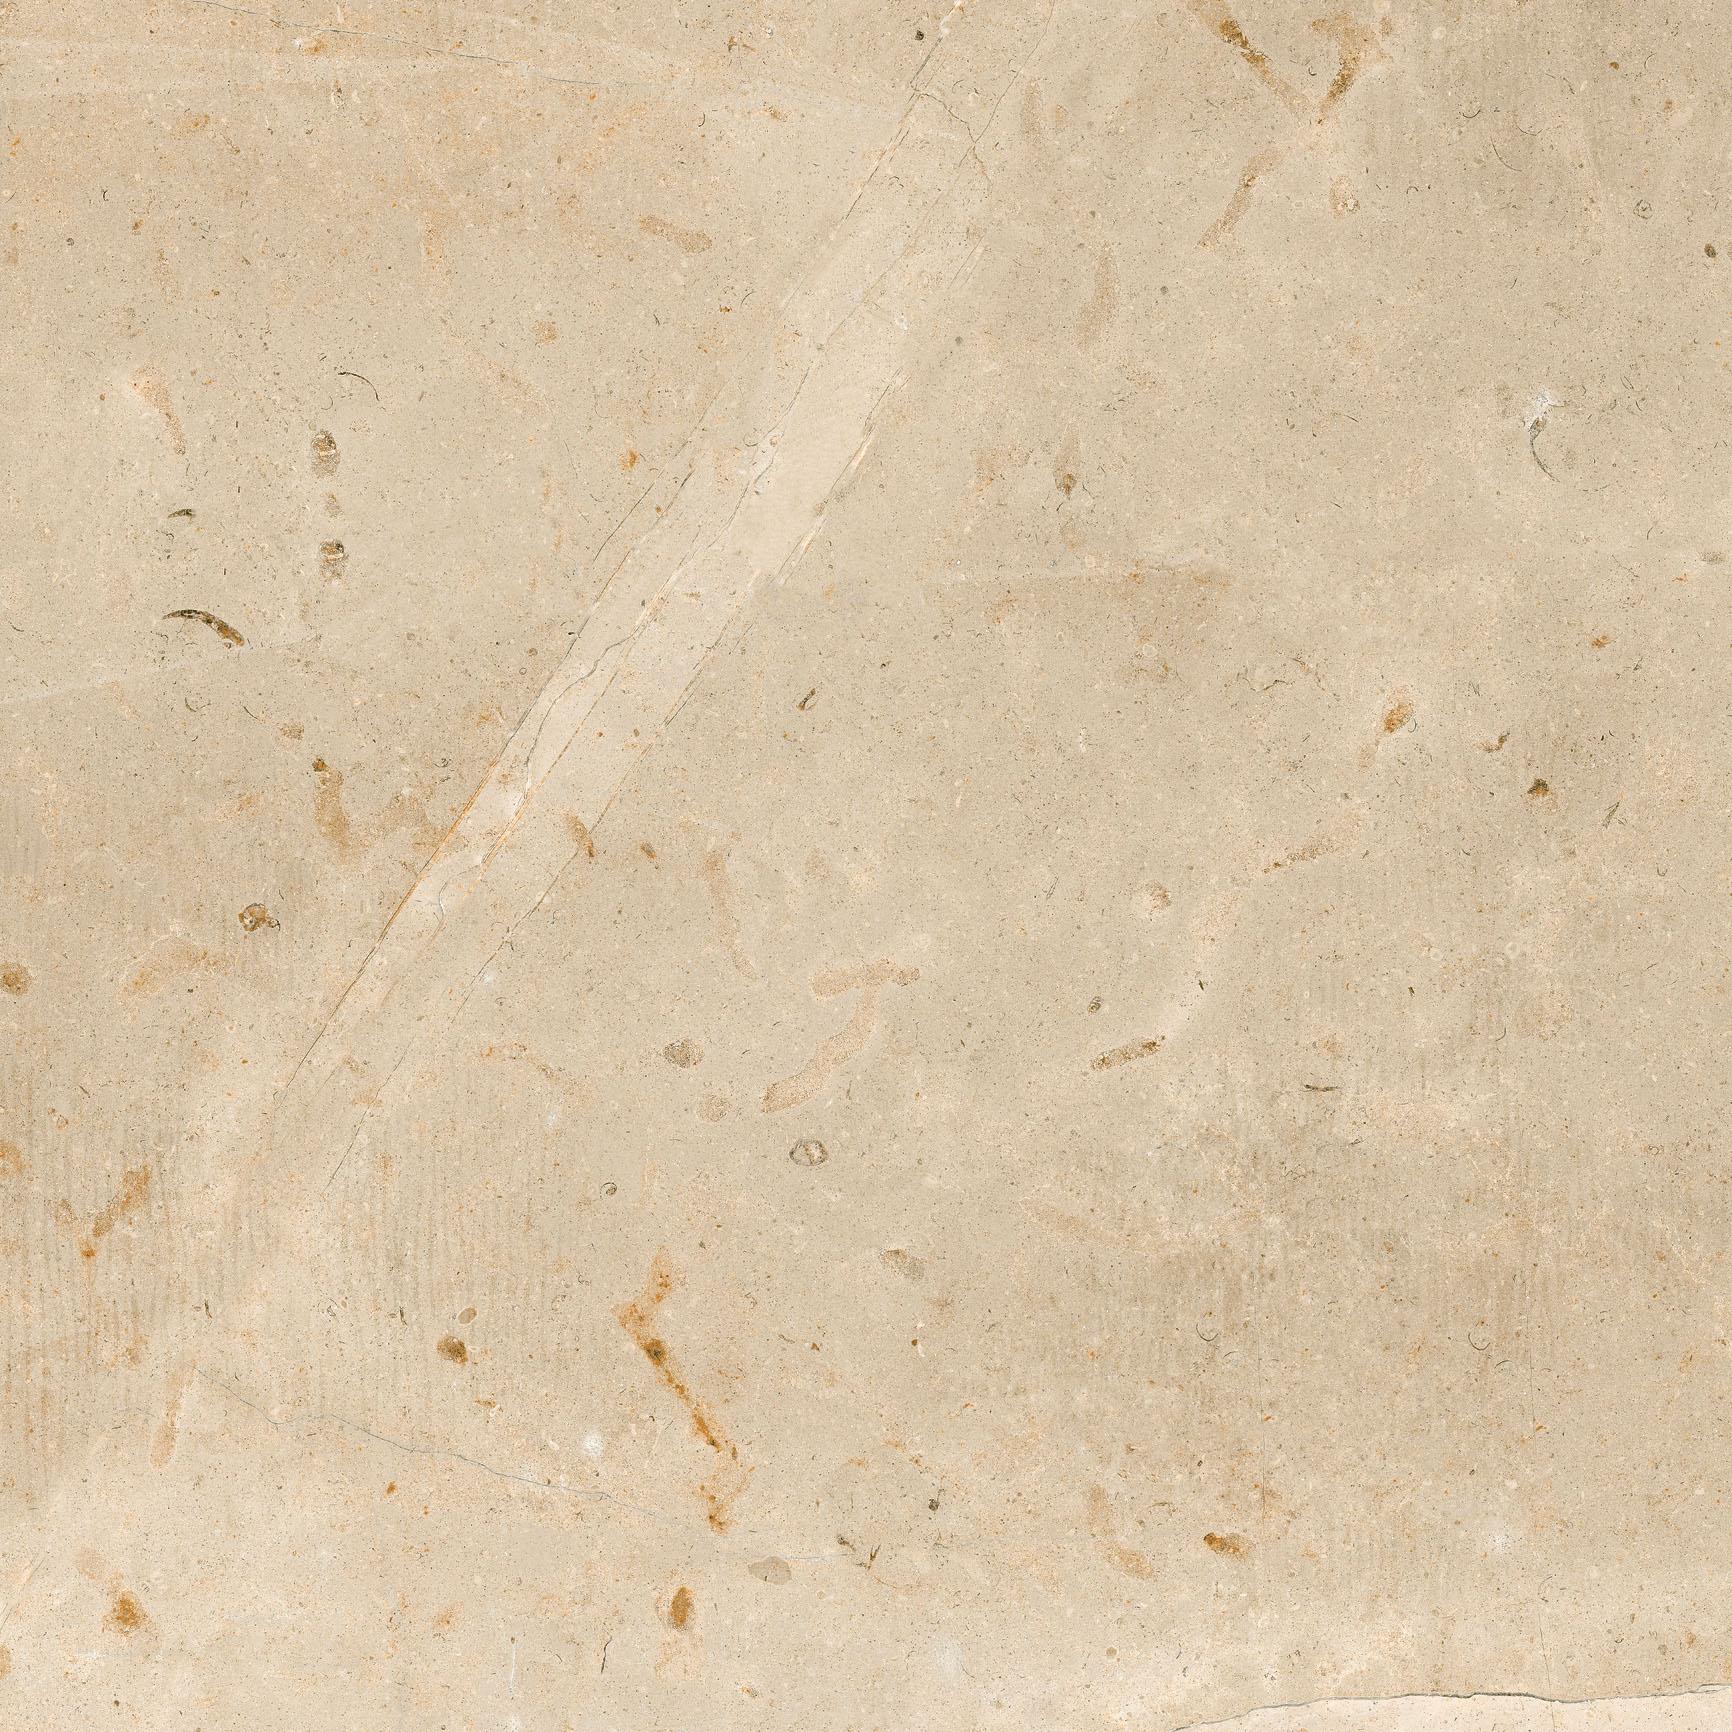 Peronda płytki na podłoge bezowy marmur wysoki połysk 60x60  nowoczesna klasyczna lazienka kuchnia salon o wysokim połysku